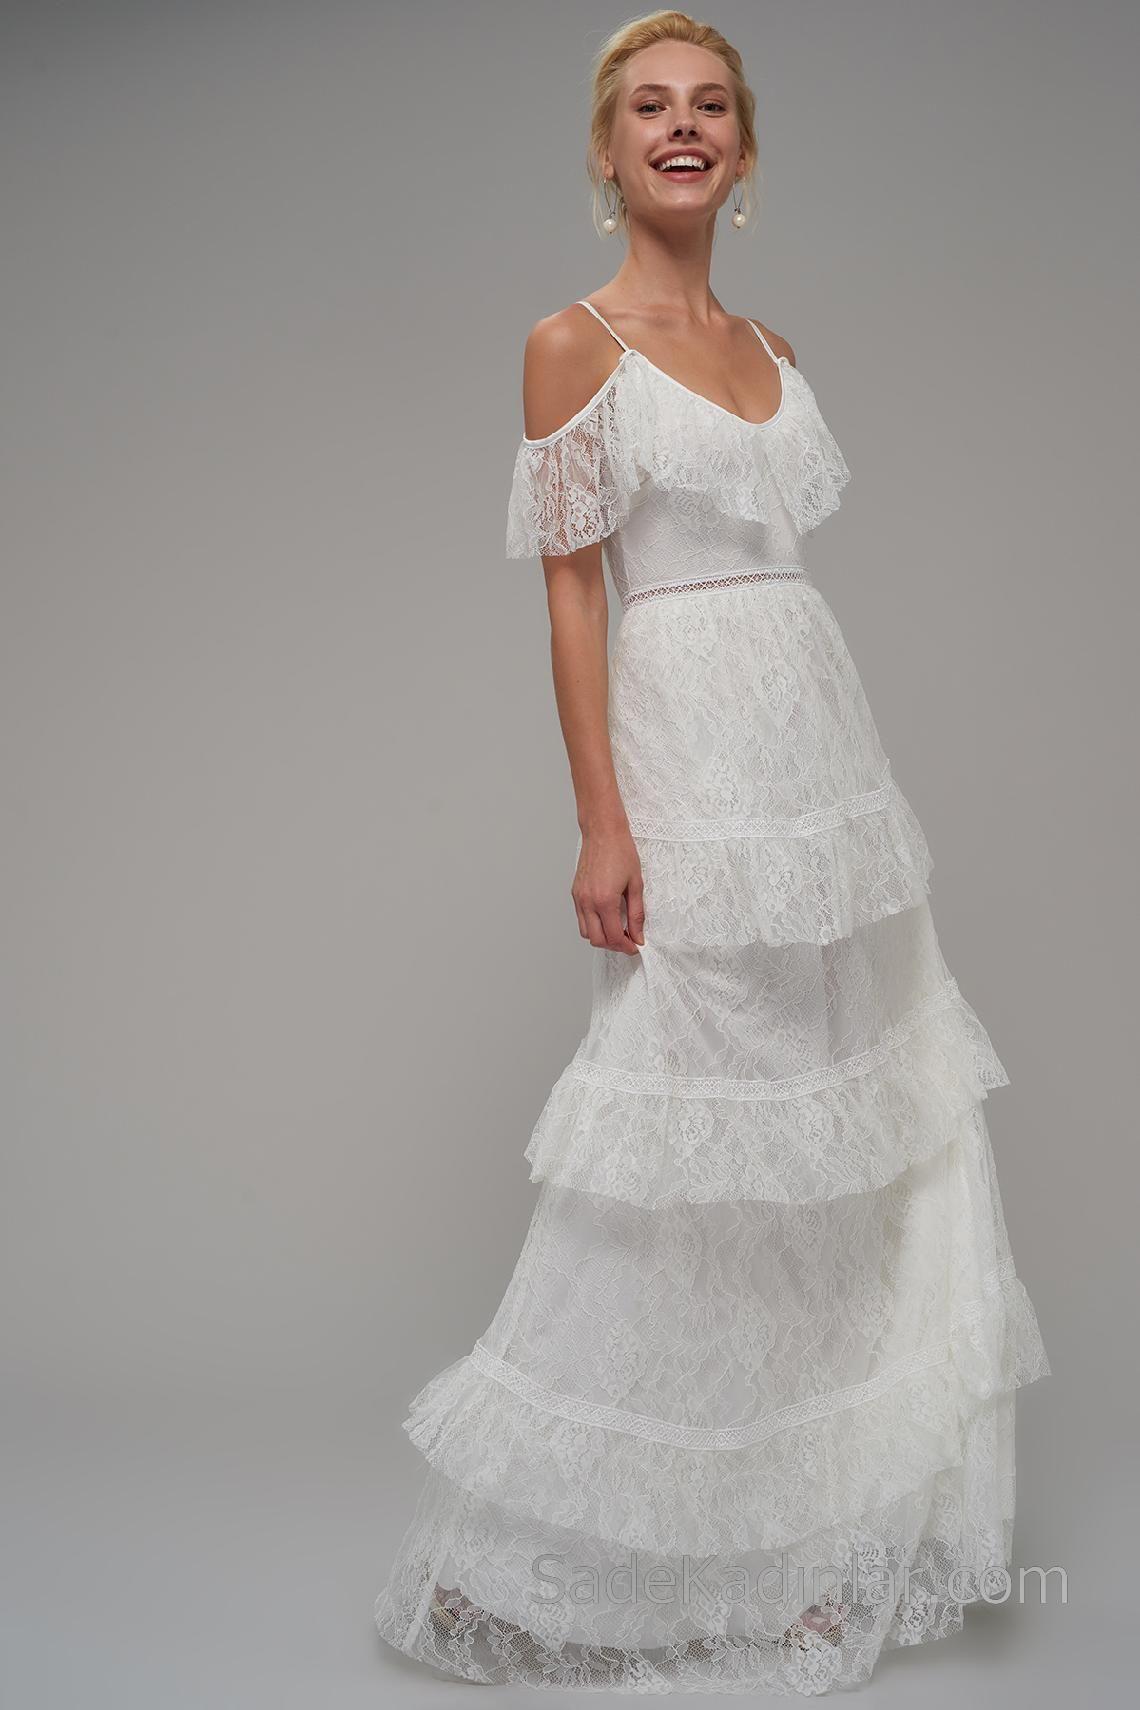 2020 Abiye Elbiseler Beyaz Askili Etekleri Katmanli Dantelli Elbiseler The Dress Elbise Modelleri